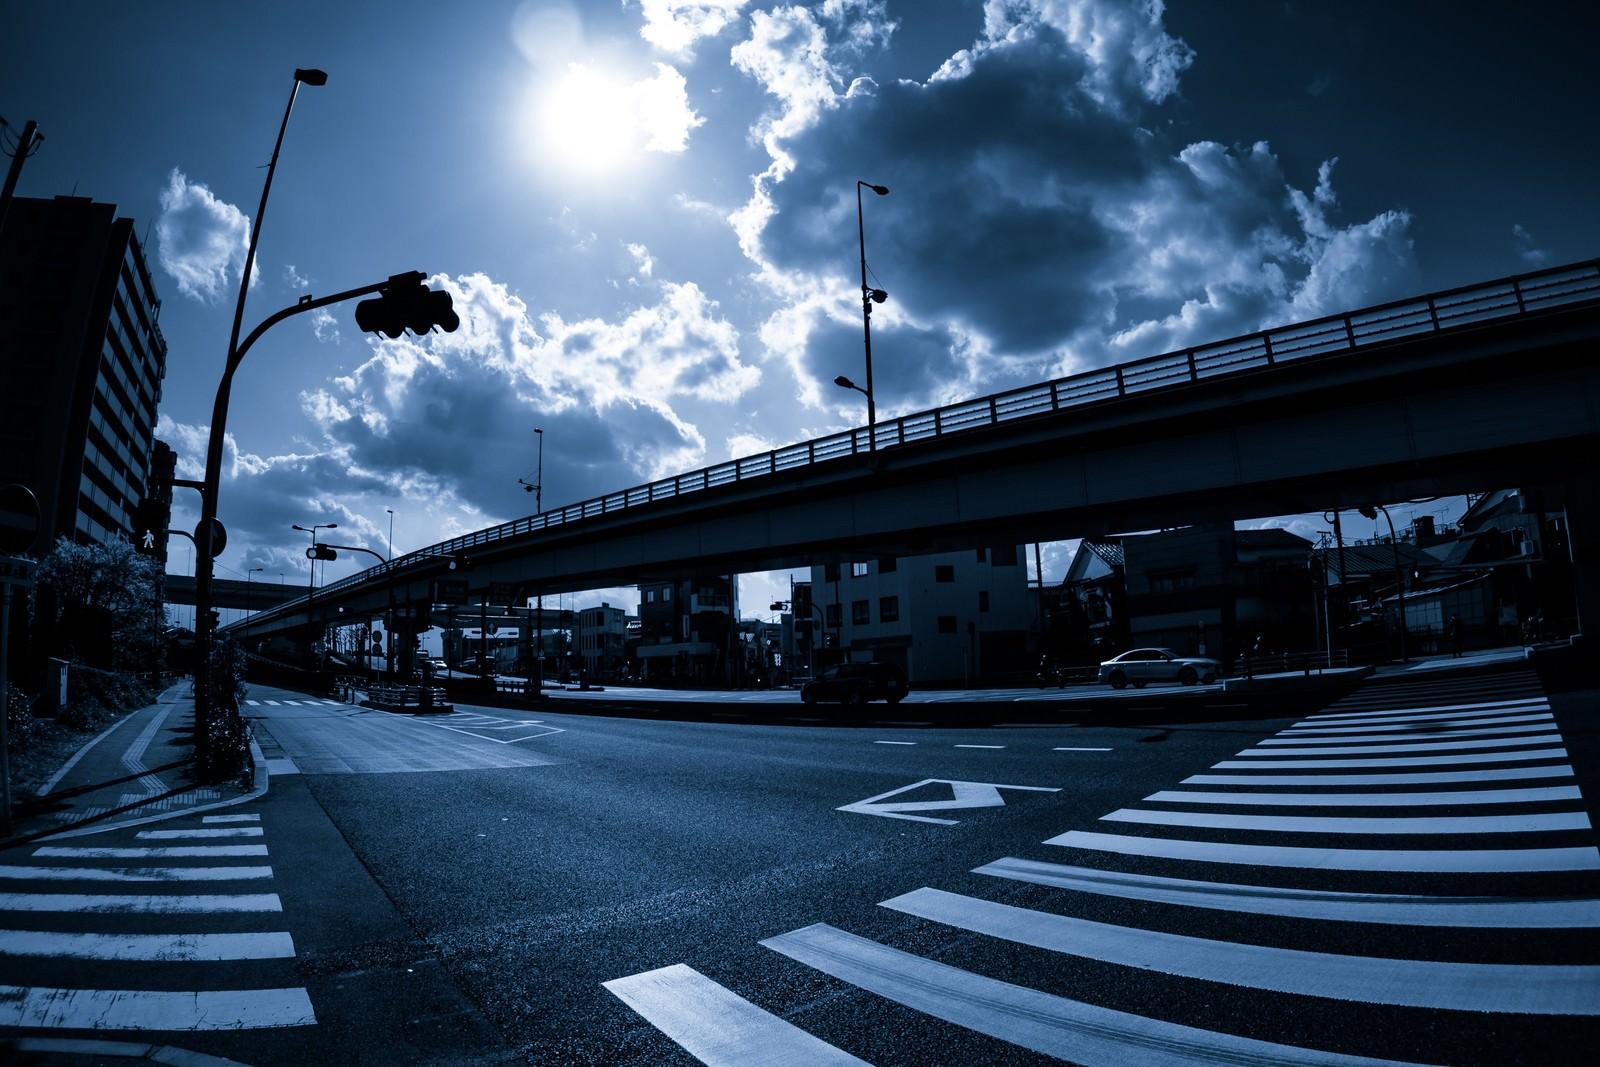 「暗い交差点暗い交差点」のフリー写真素材を拡大